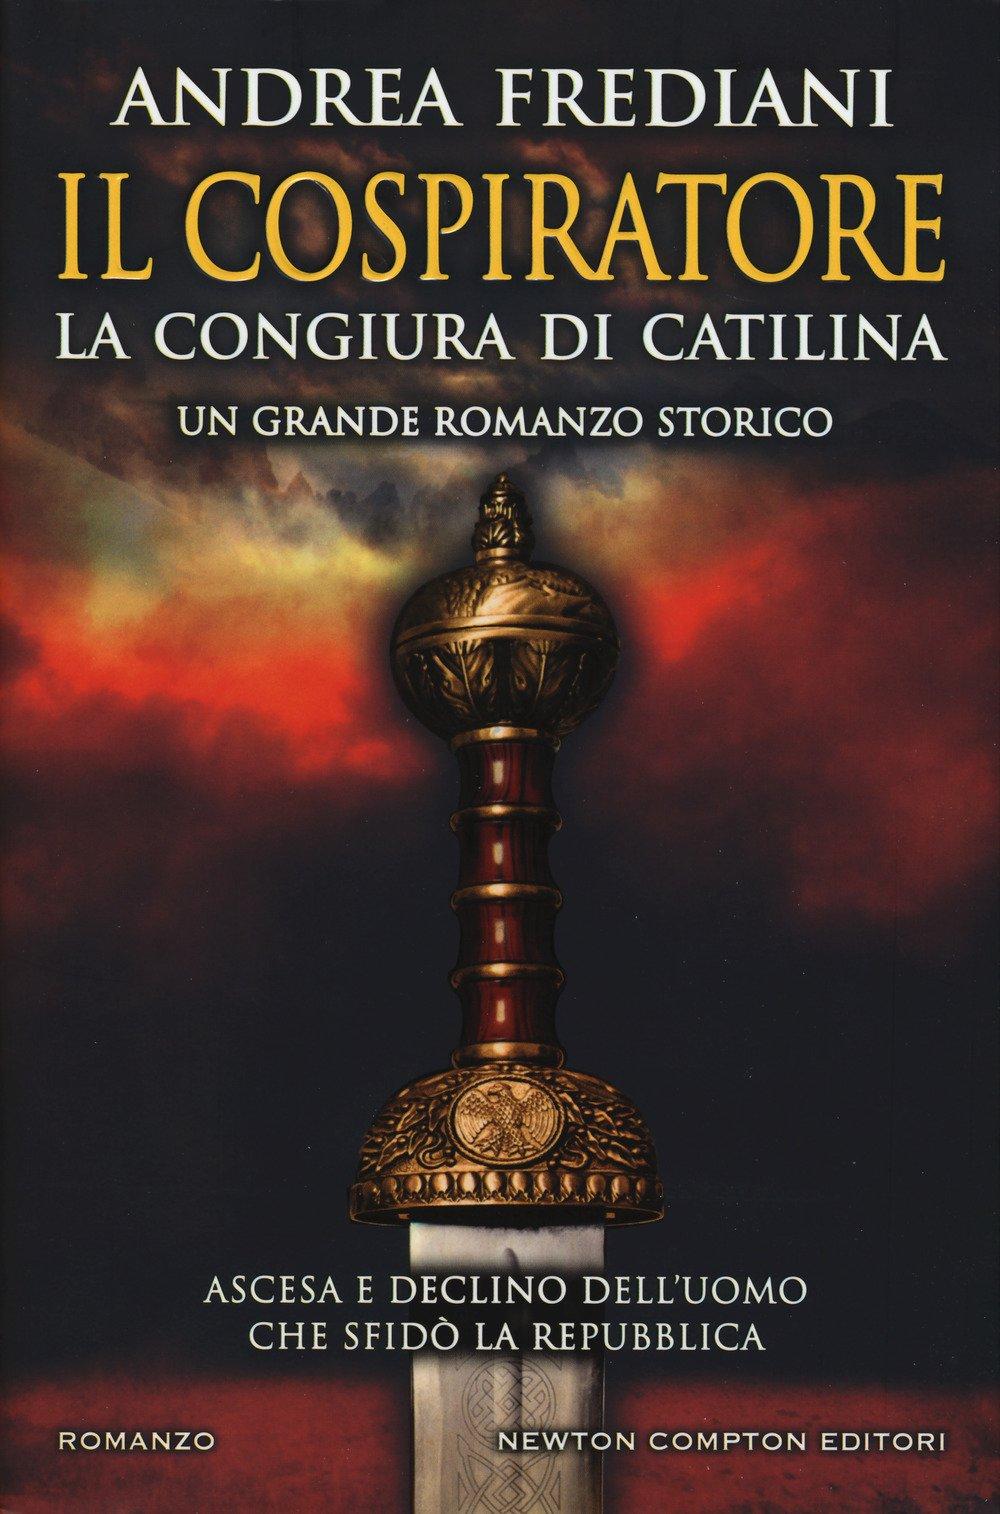 Il cospiratore. La congiura di Catilina